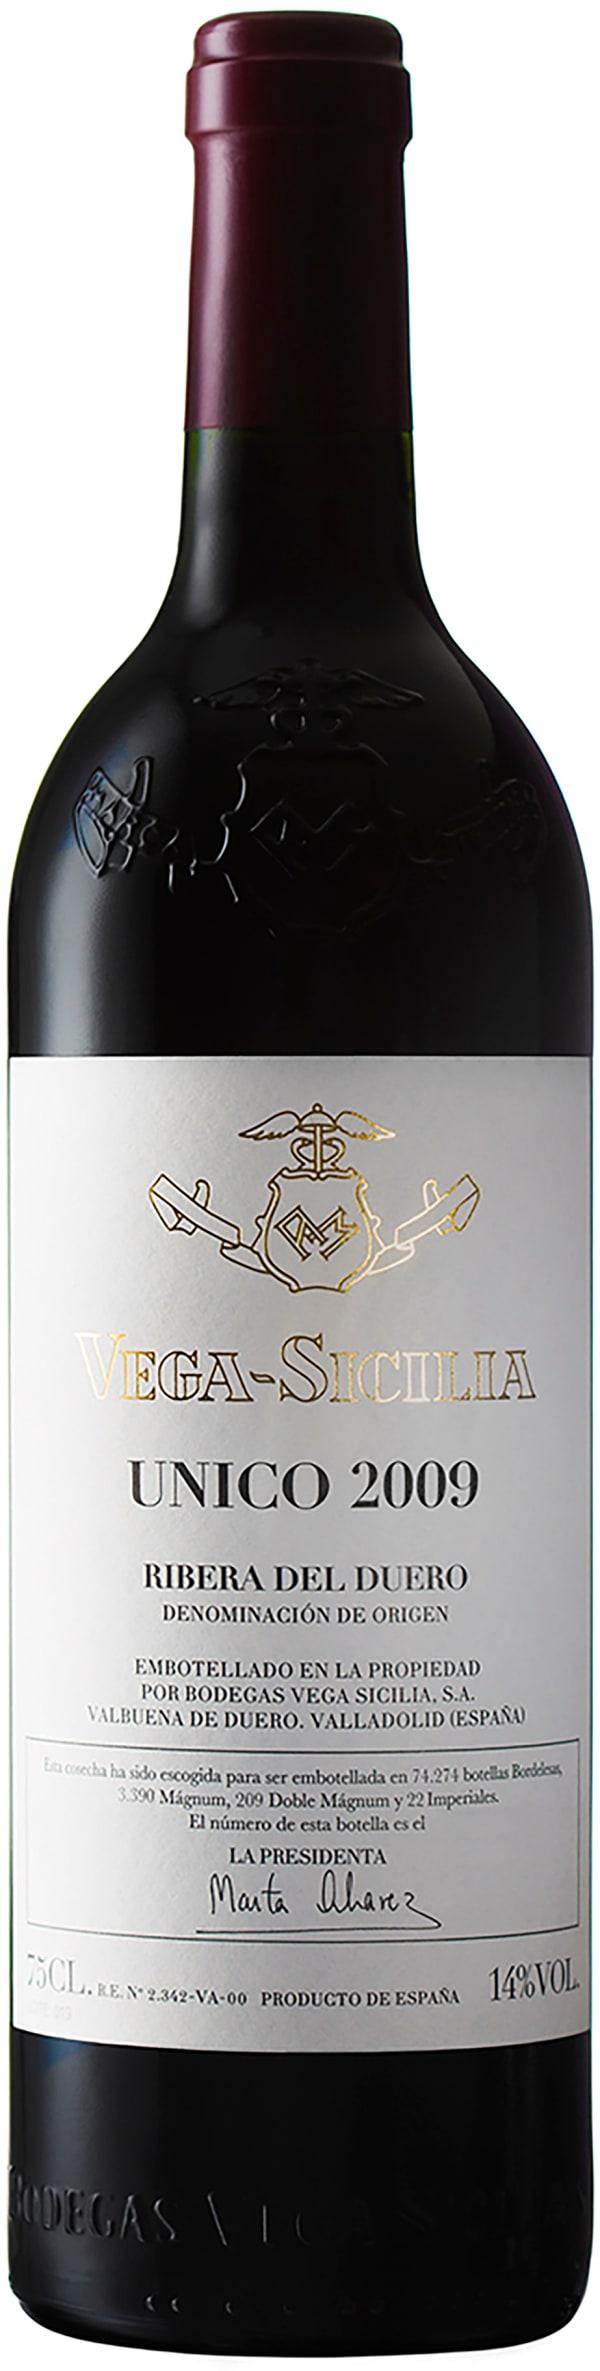 Vega-Sicilia Unico 2009